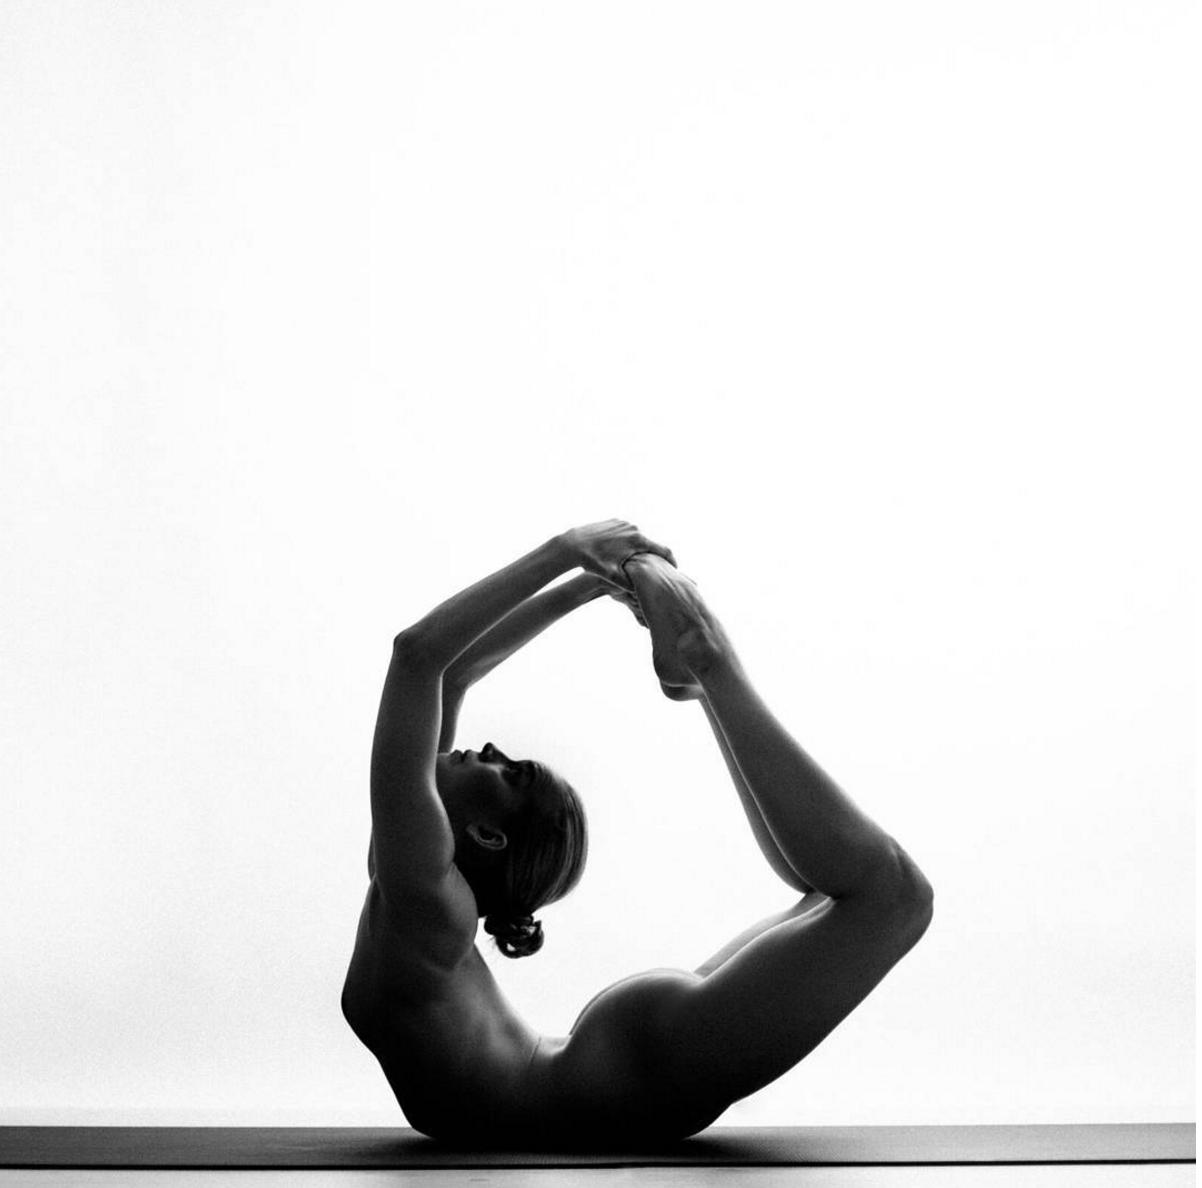 Nude Yoga Girl2